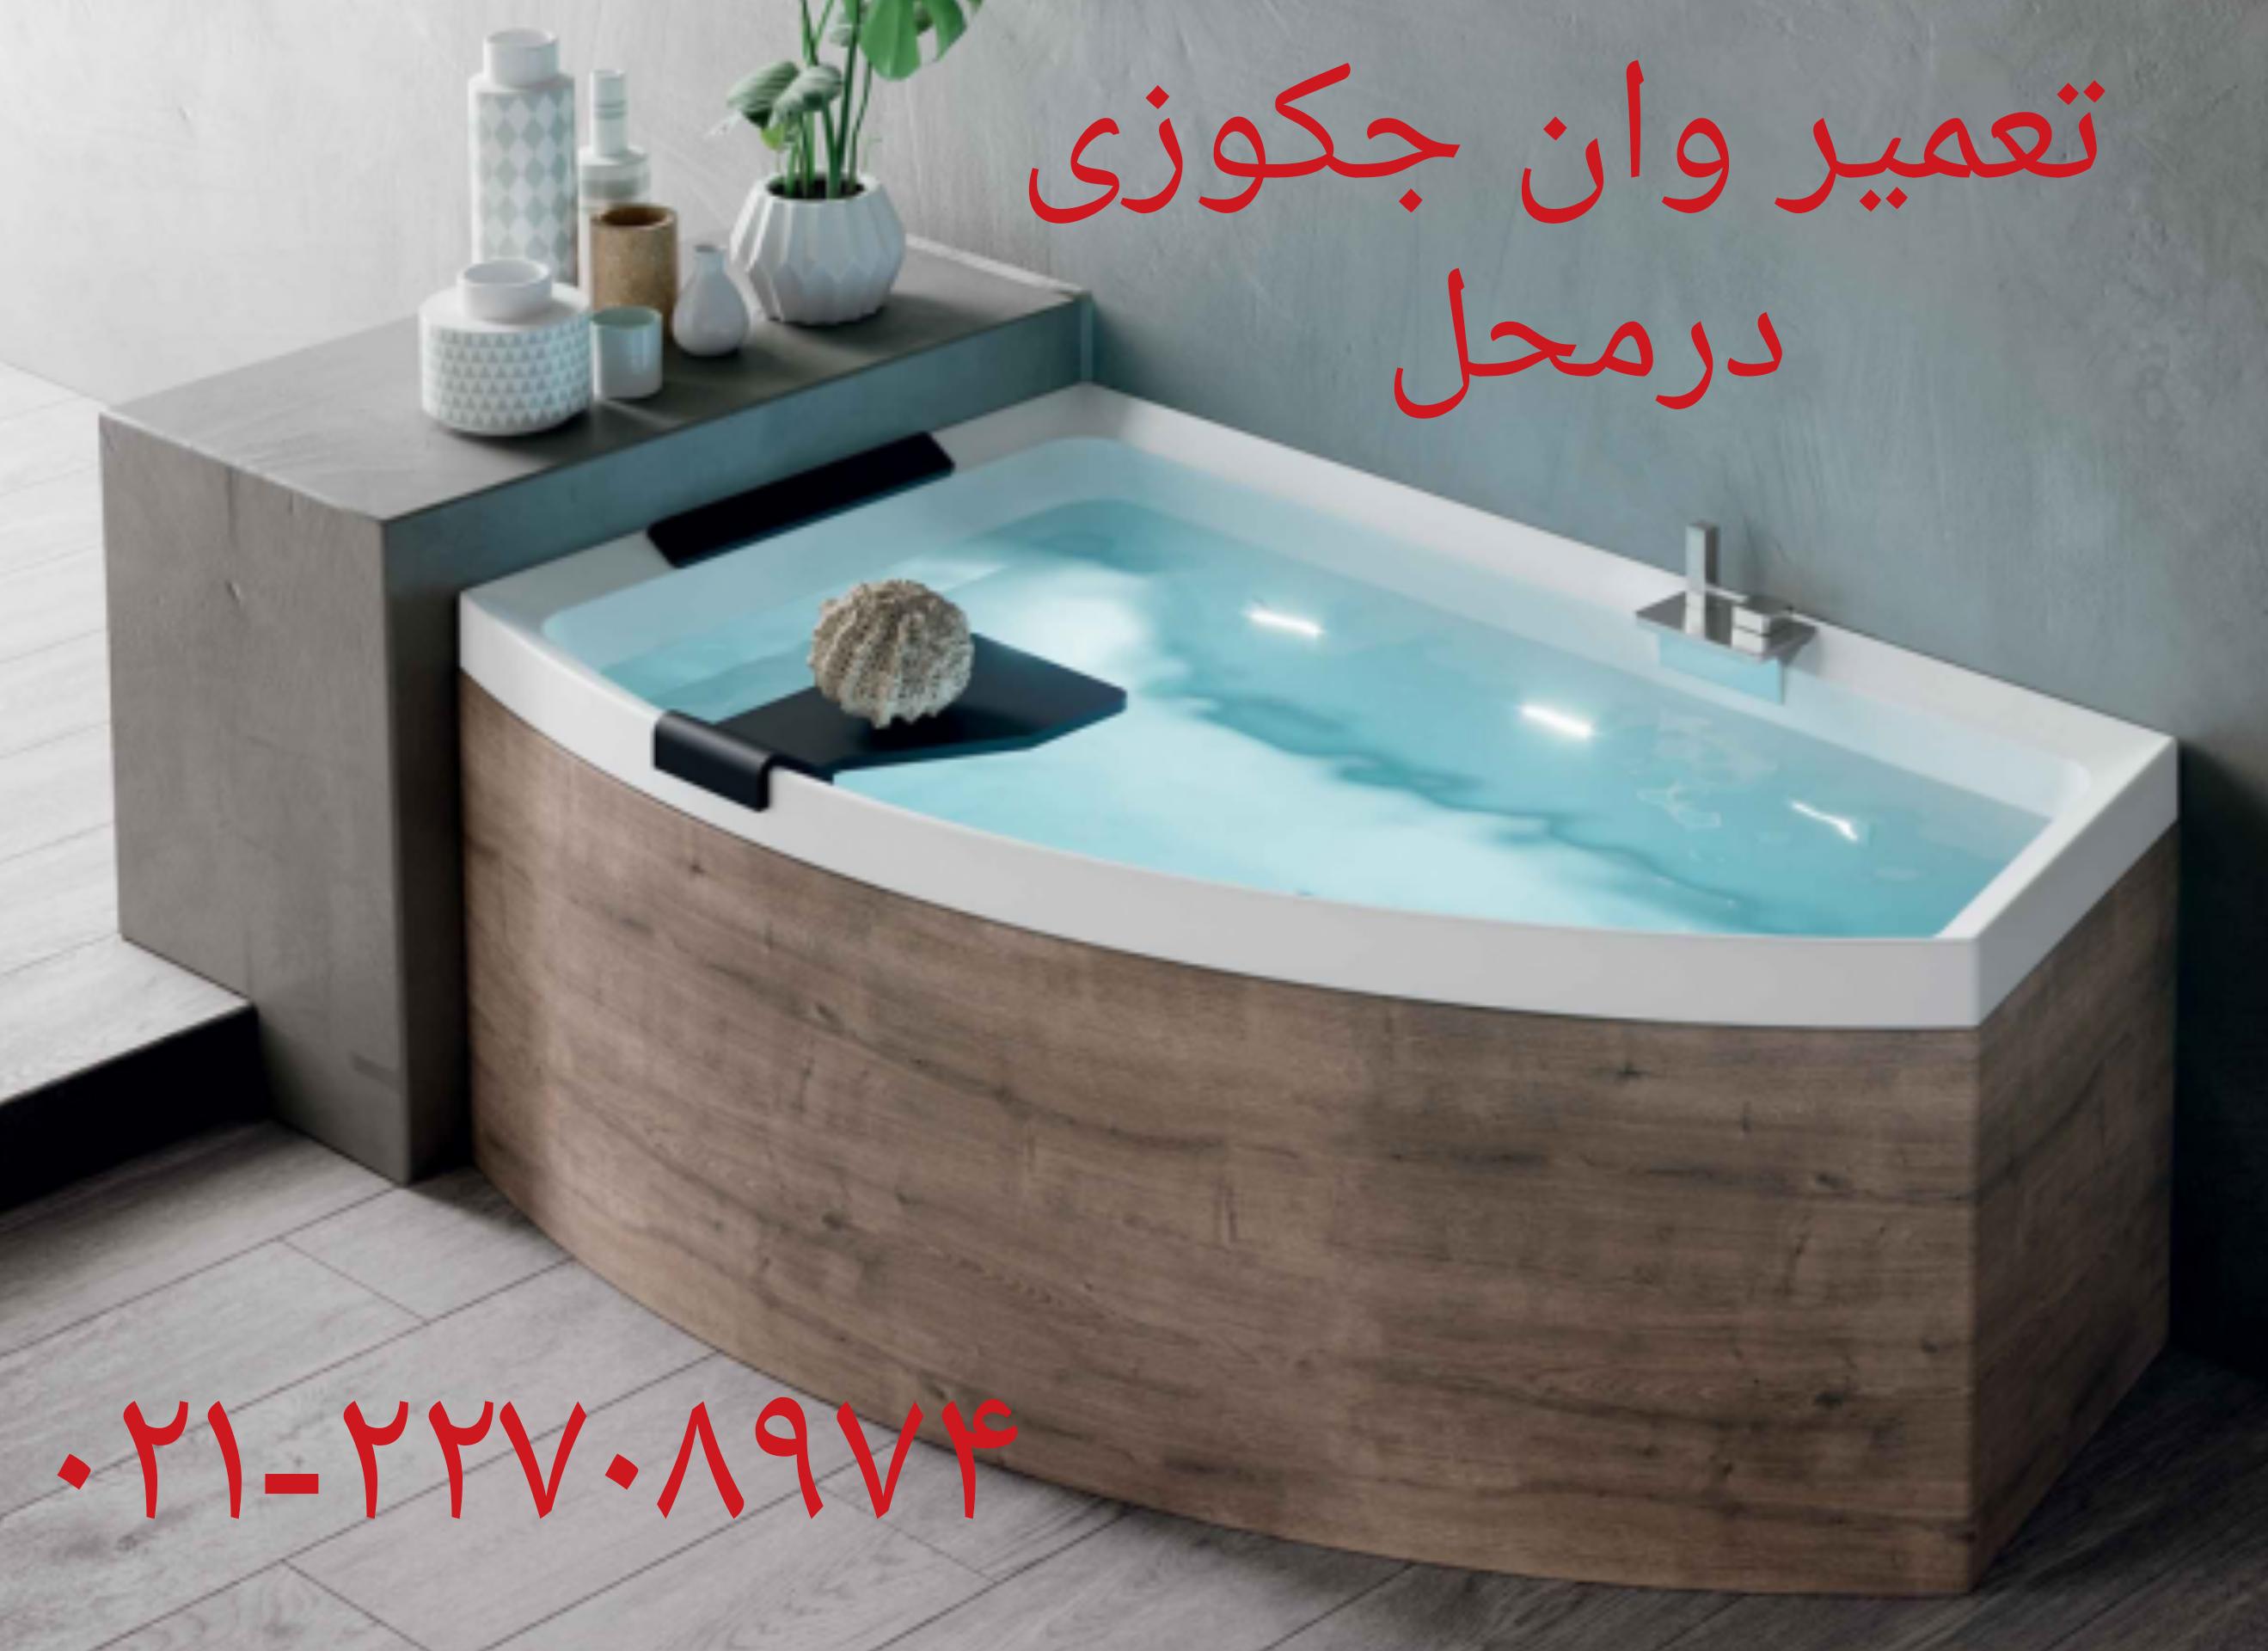 تعمیر وان_جکوزی کابین دوش09121507825